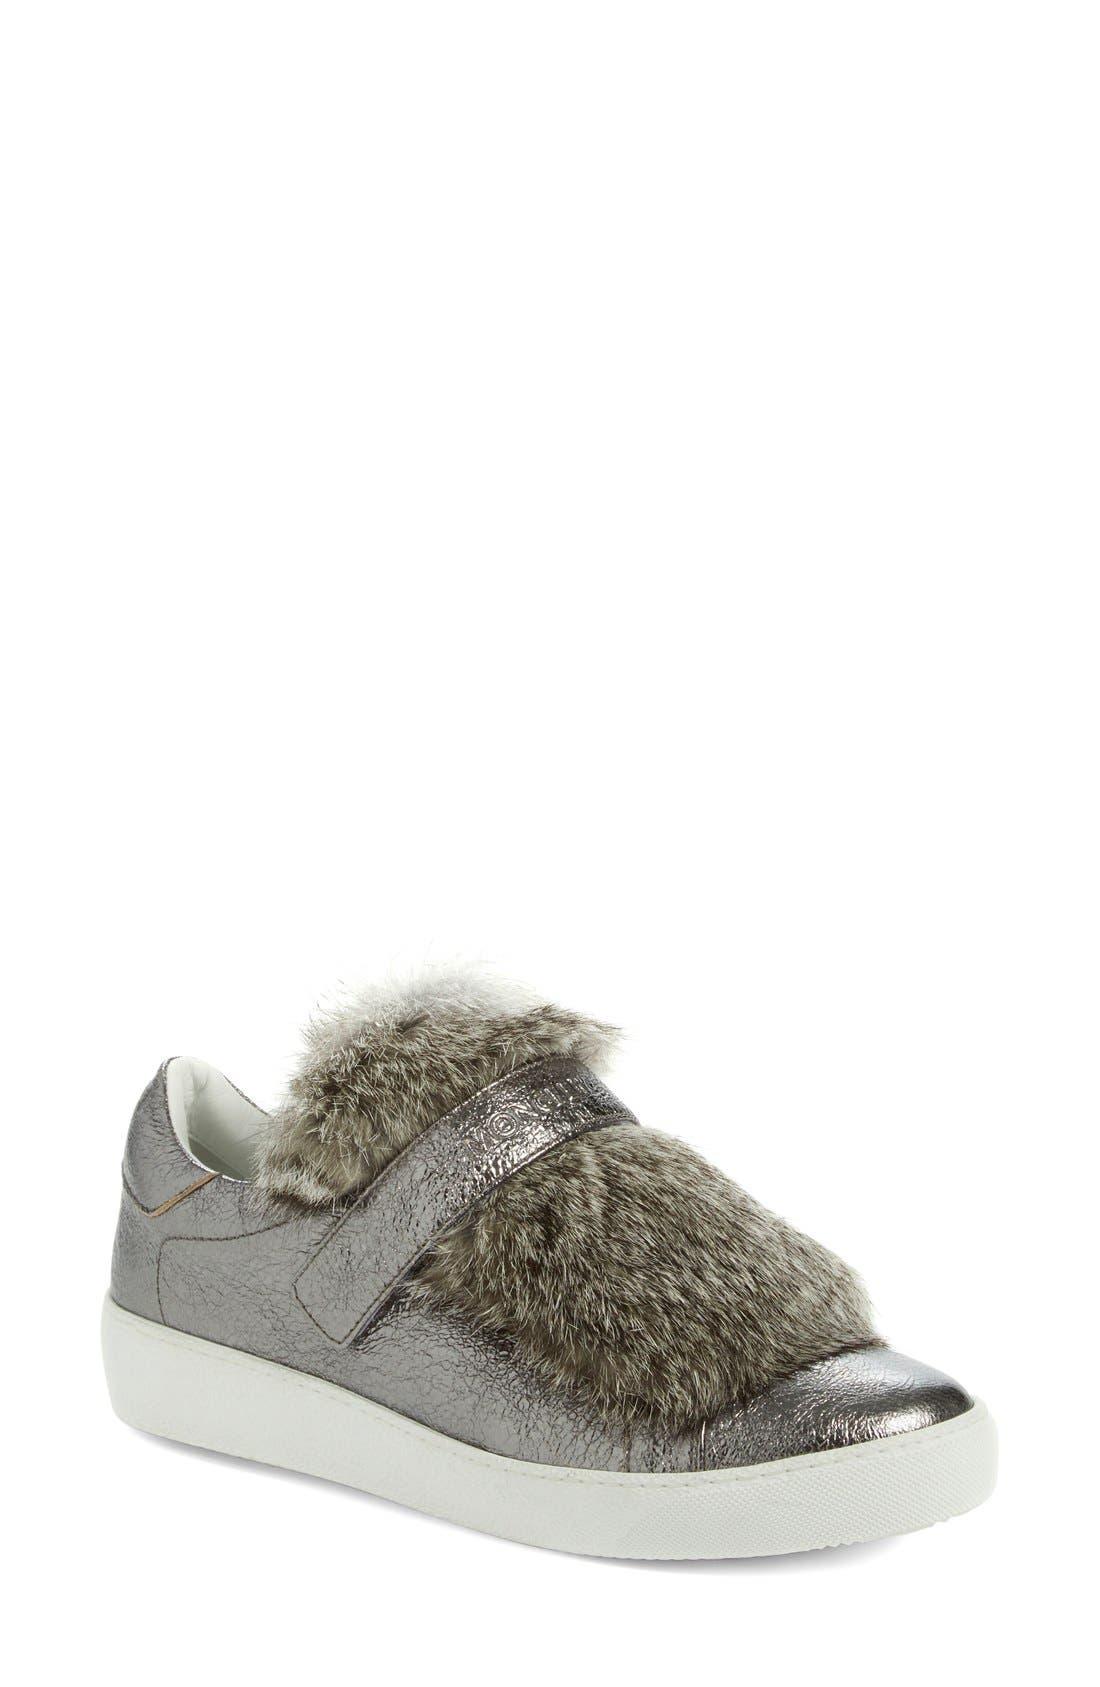 MONCLER, 'Lucie Scarpa' Genuine Rabbit Fur Trim Sneaker, Main thumbnail 1, color, 020